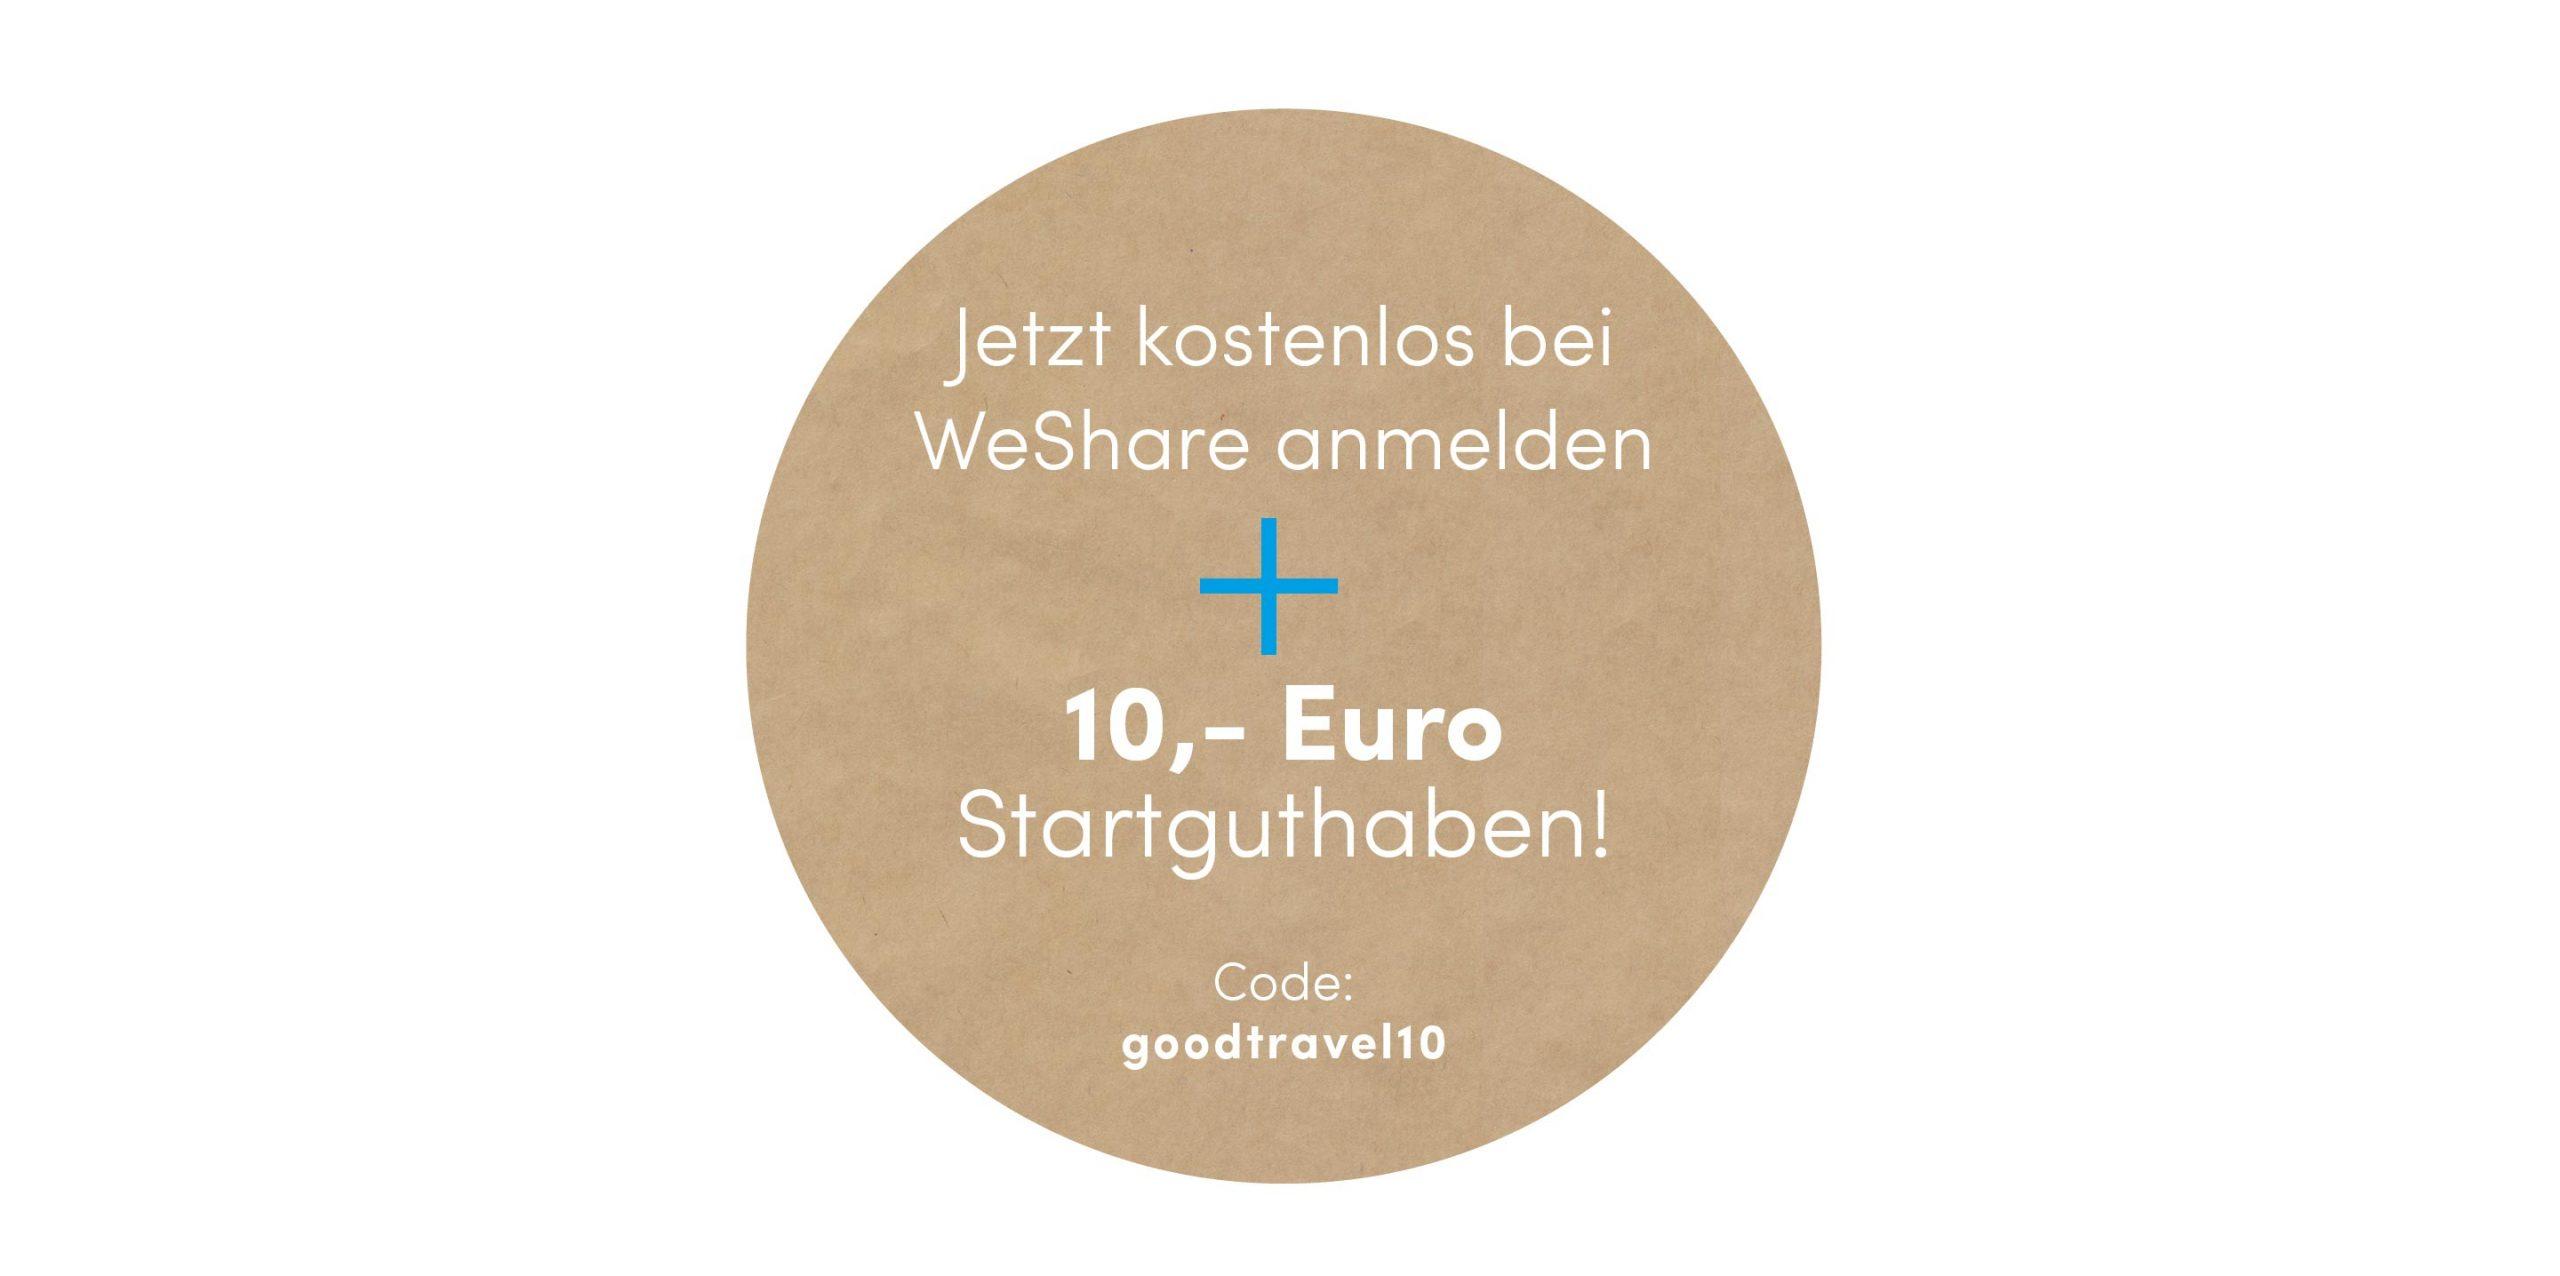 10,- Euro Startguthaben mit unserem Gutscheincode sichern!